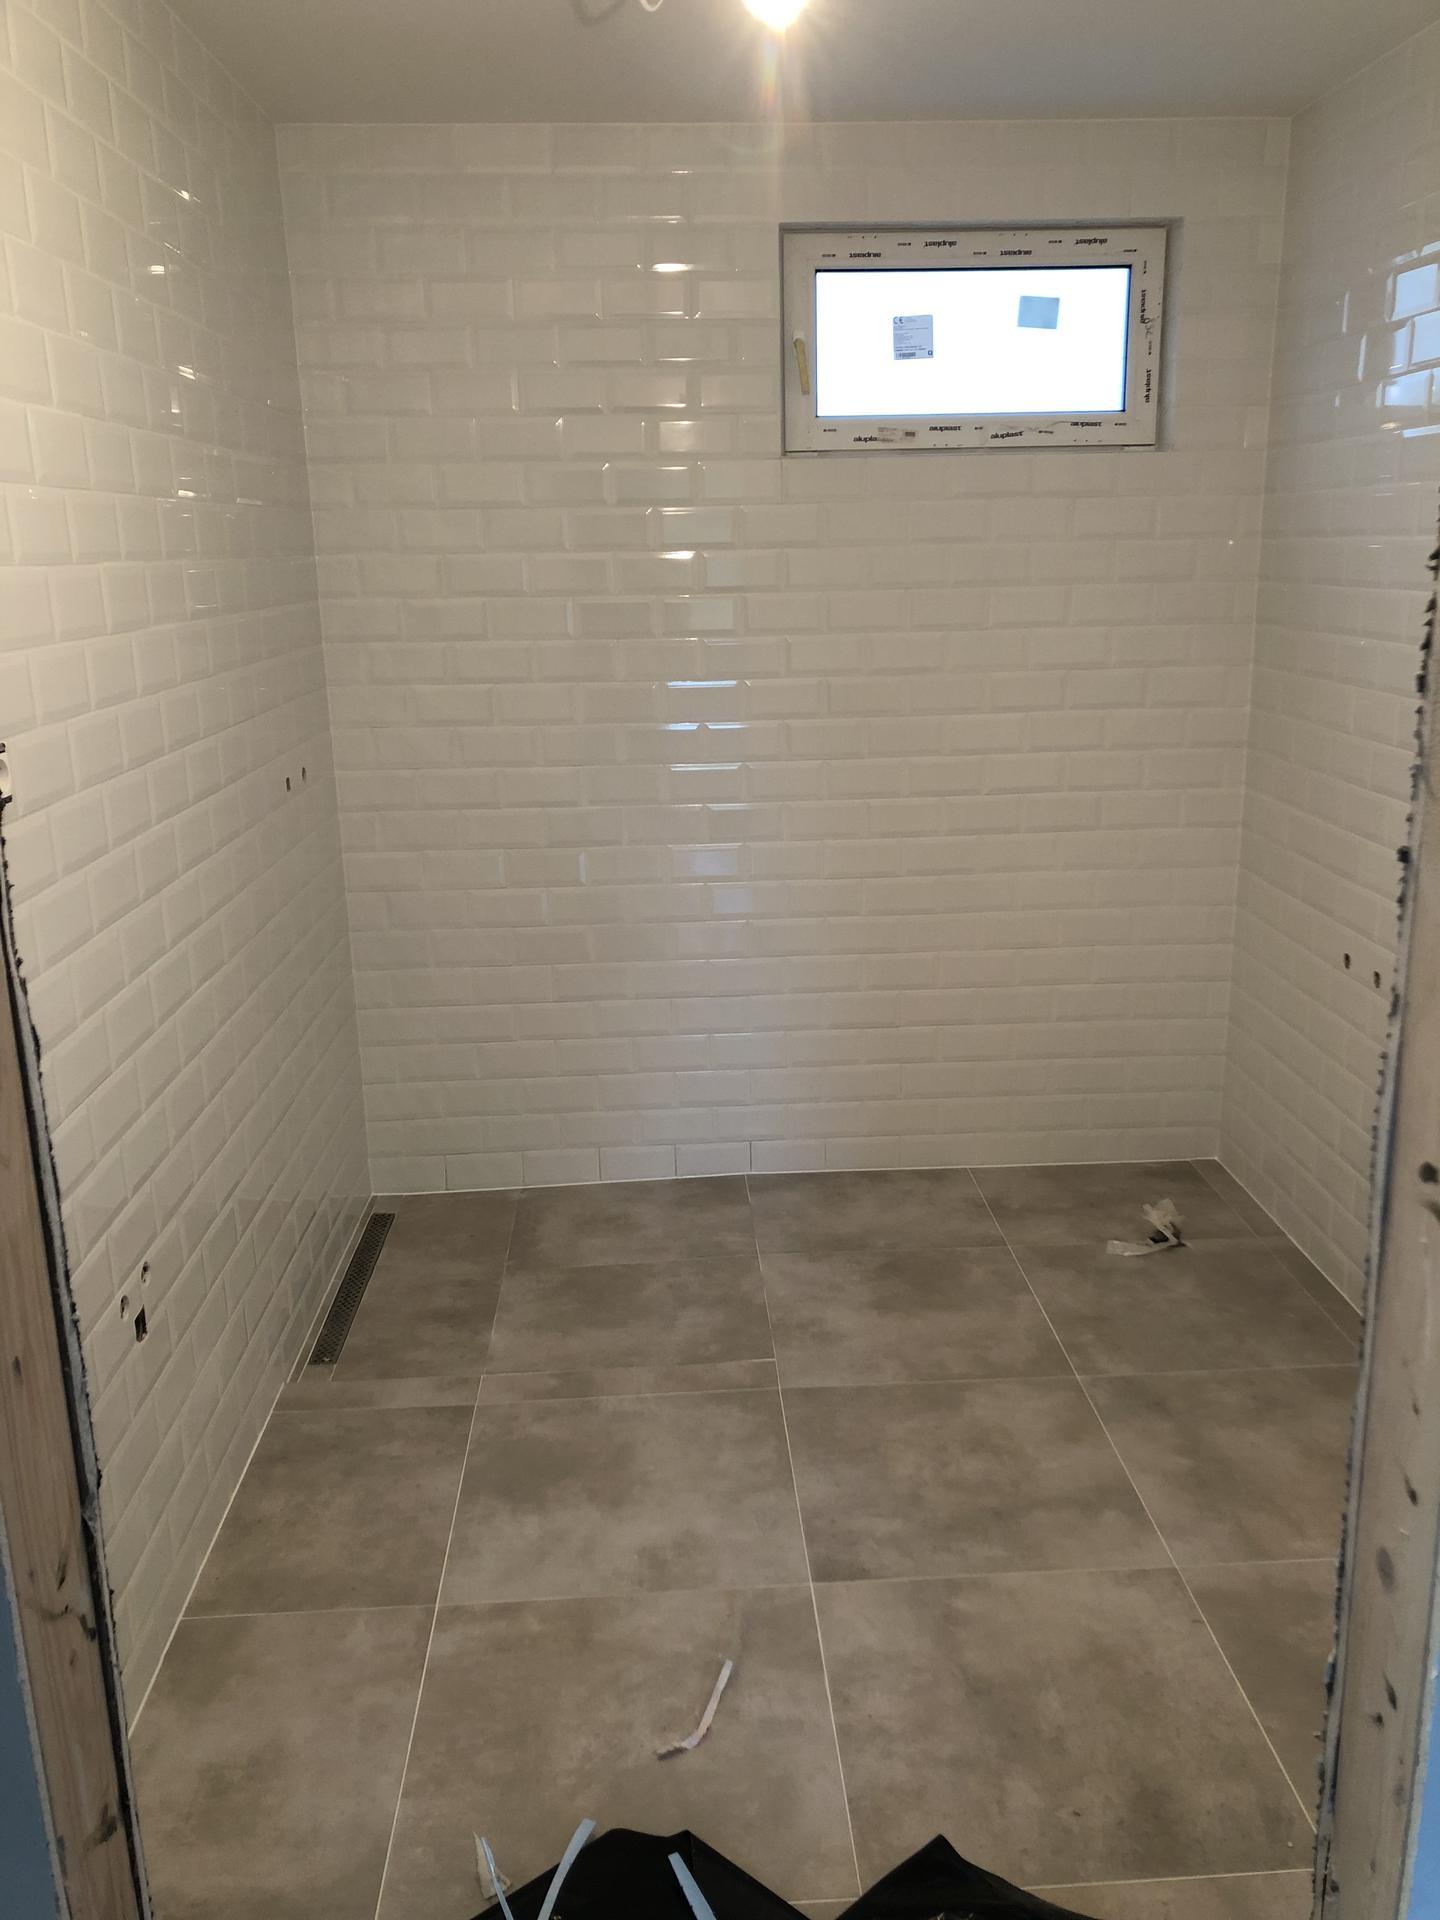 Naše prvé vlastné bývanie - kúpeľňa už aj zasilikónovaná, už stačí len osadiť sklenenú zástenu do sprcháču, postaviť vaňu, osadiť WC a umývadlo :)